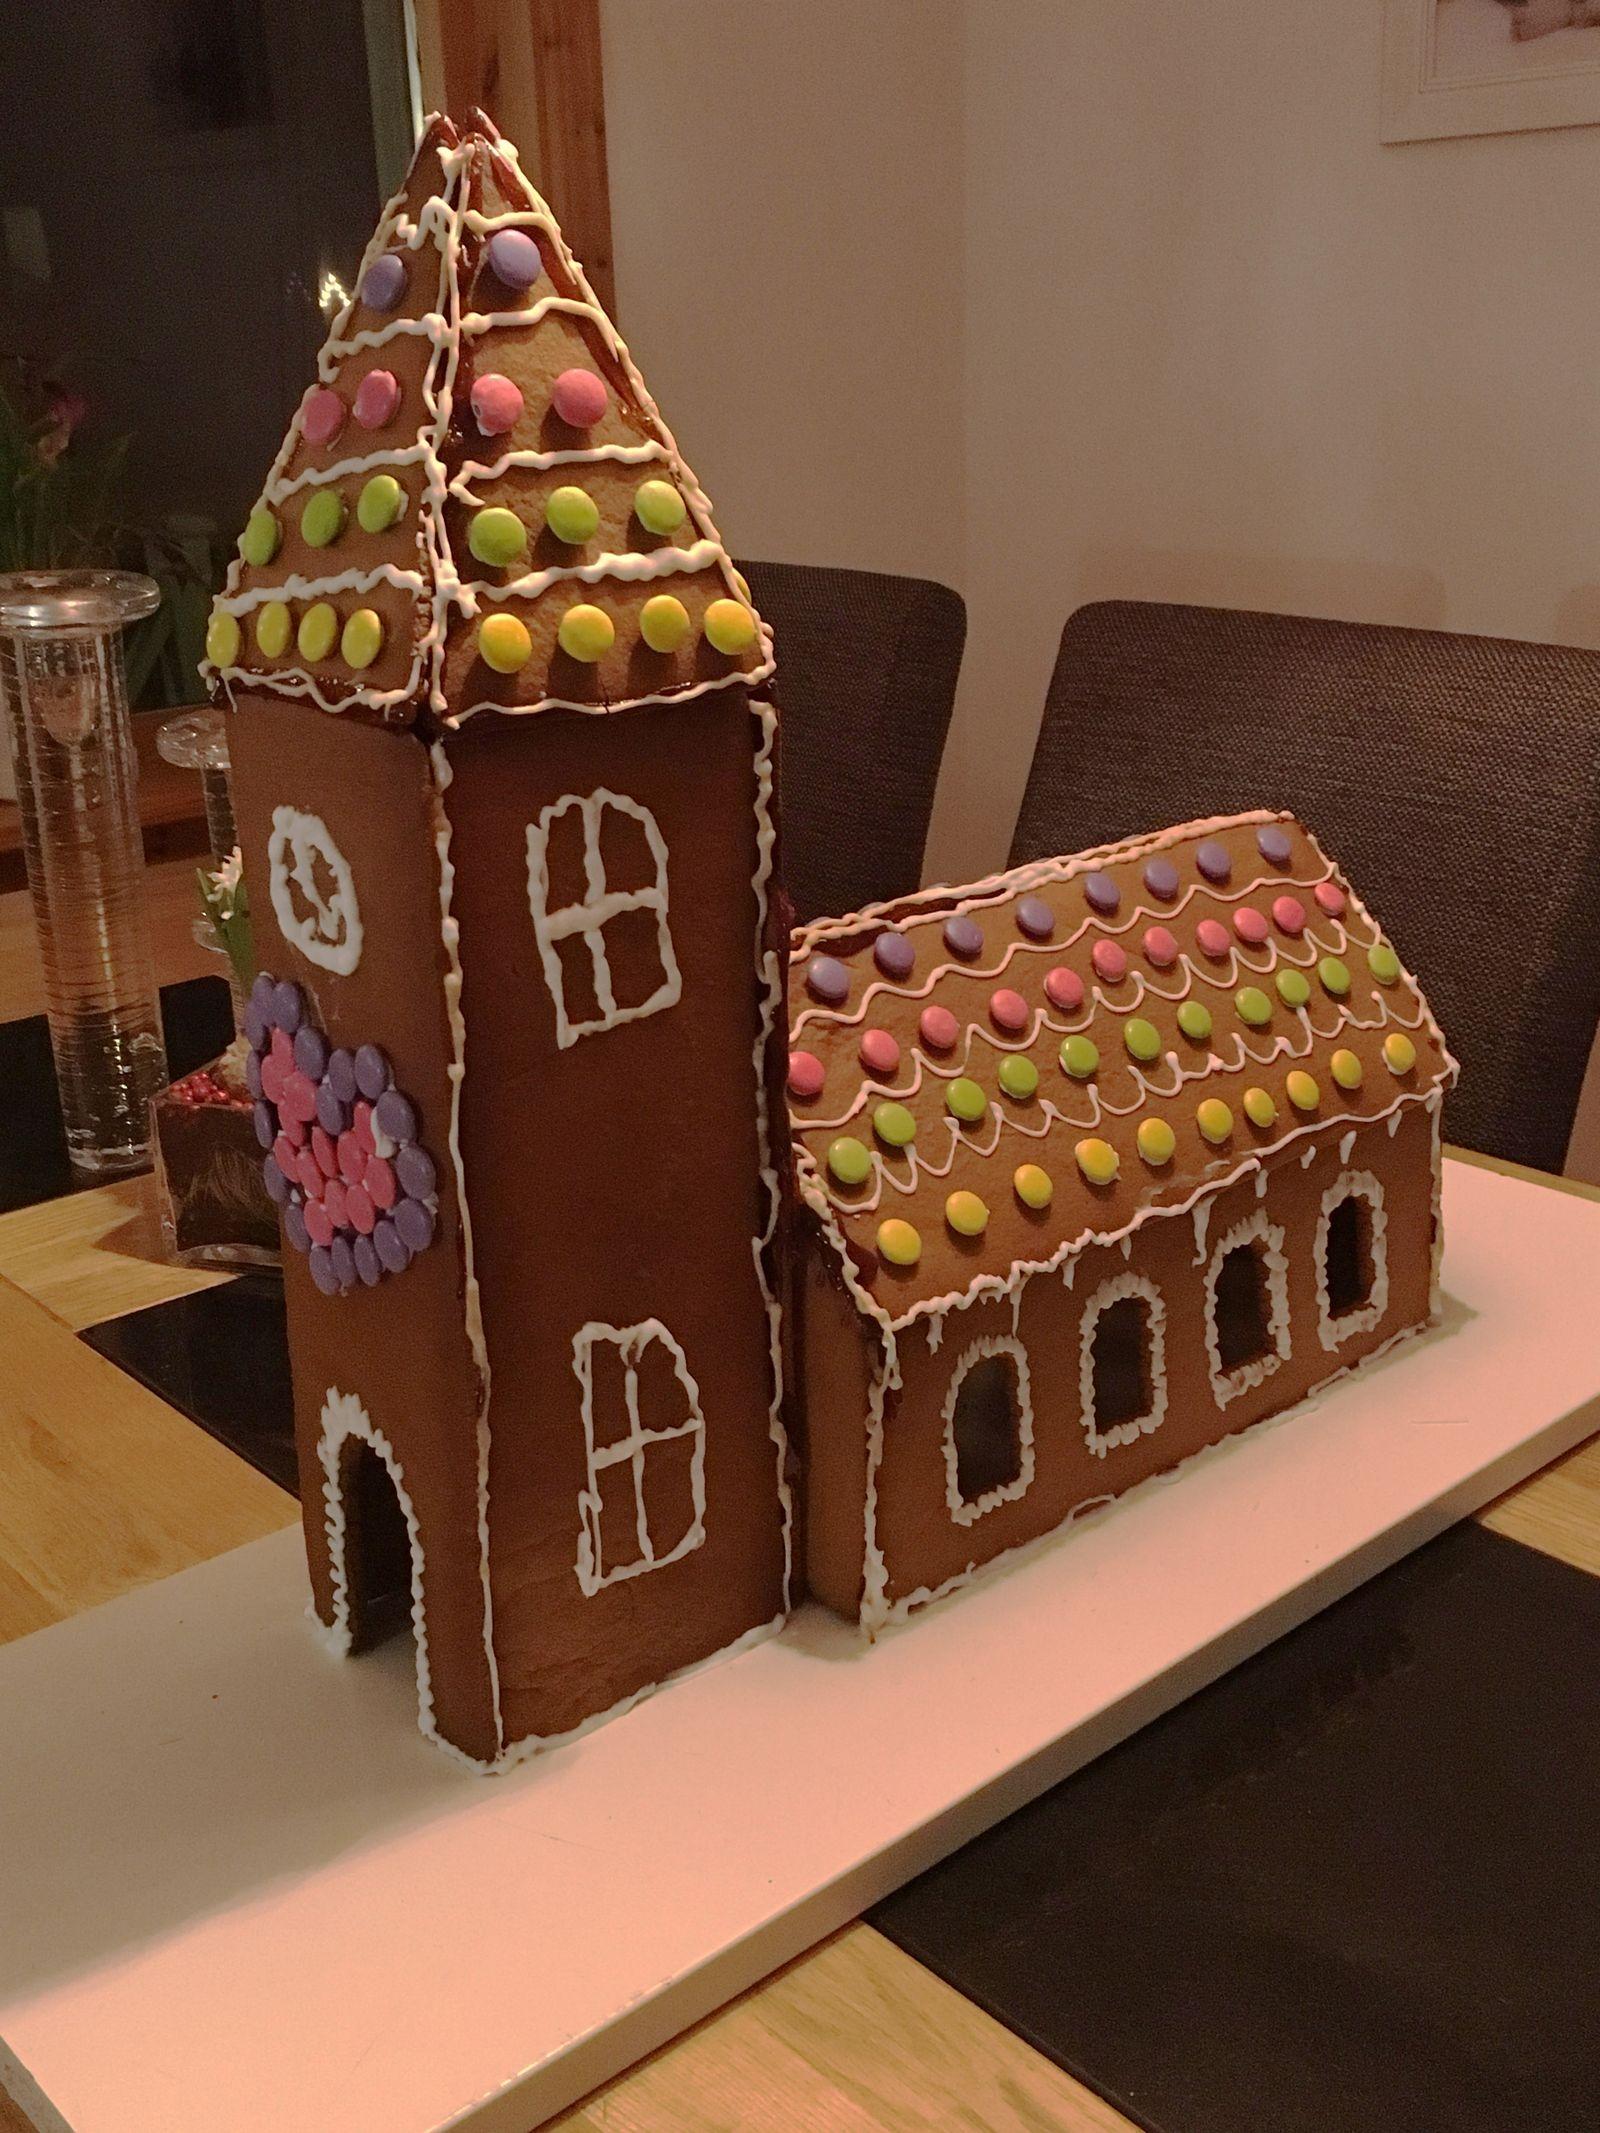 Här är en pepparkakskyrka tillverkad av 12-årige Alfred Karlsson i Ruda. Vänliga hälsningar Alfreds mormor Anita